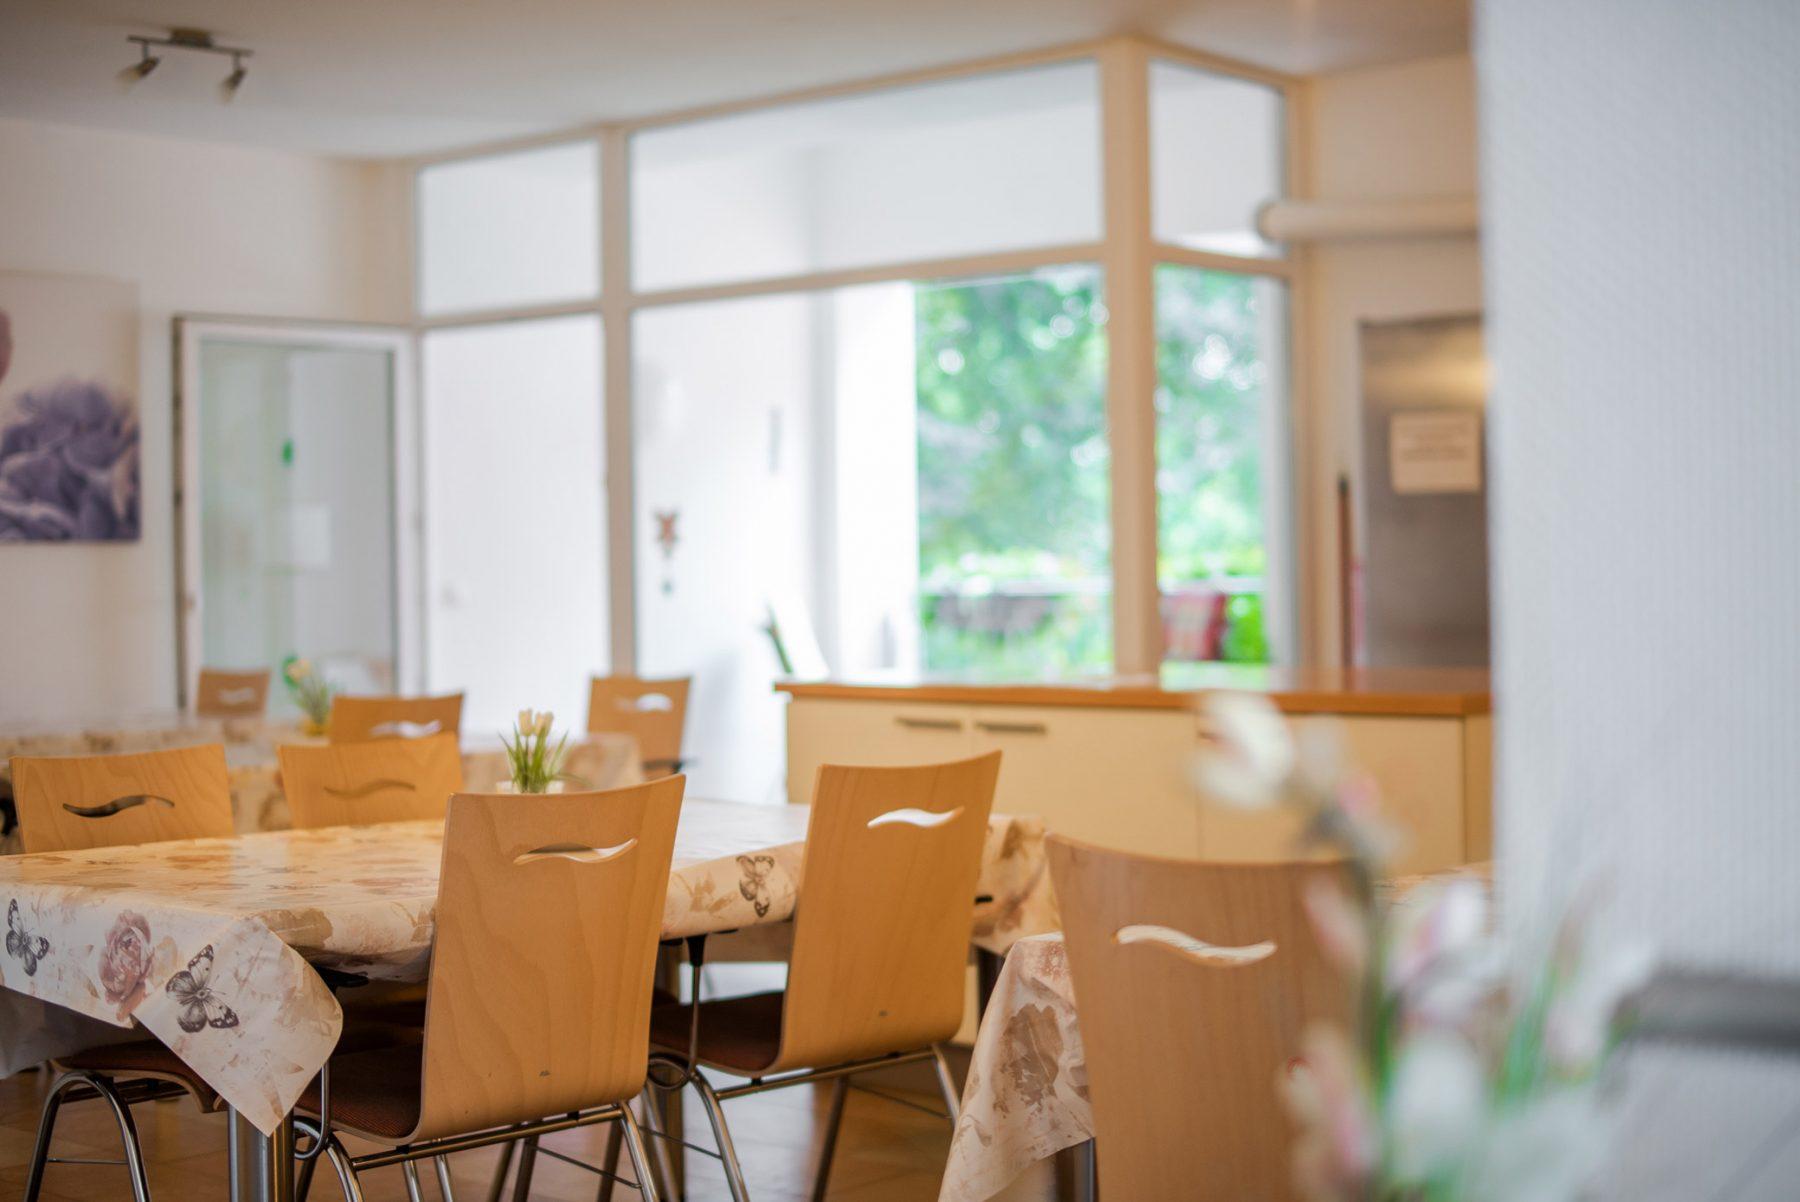 Gemeinschaftsraum in der Seniorenwohngemeinschaft in Horn-Bad Meinberg